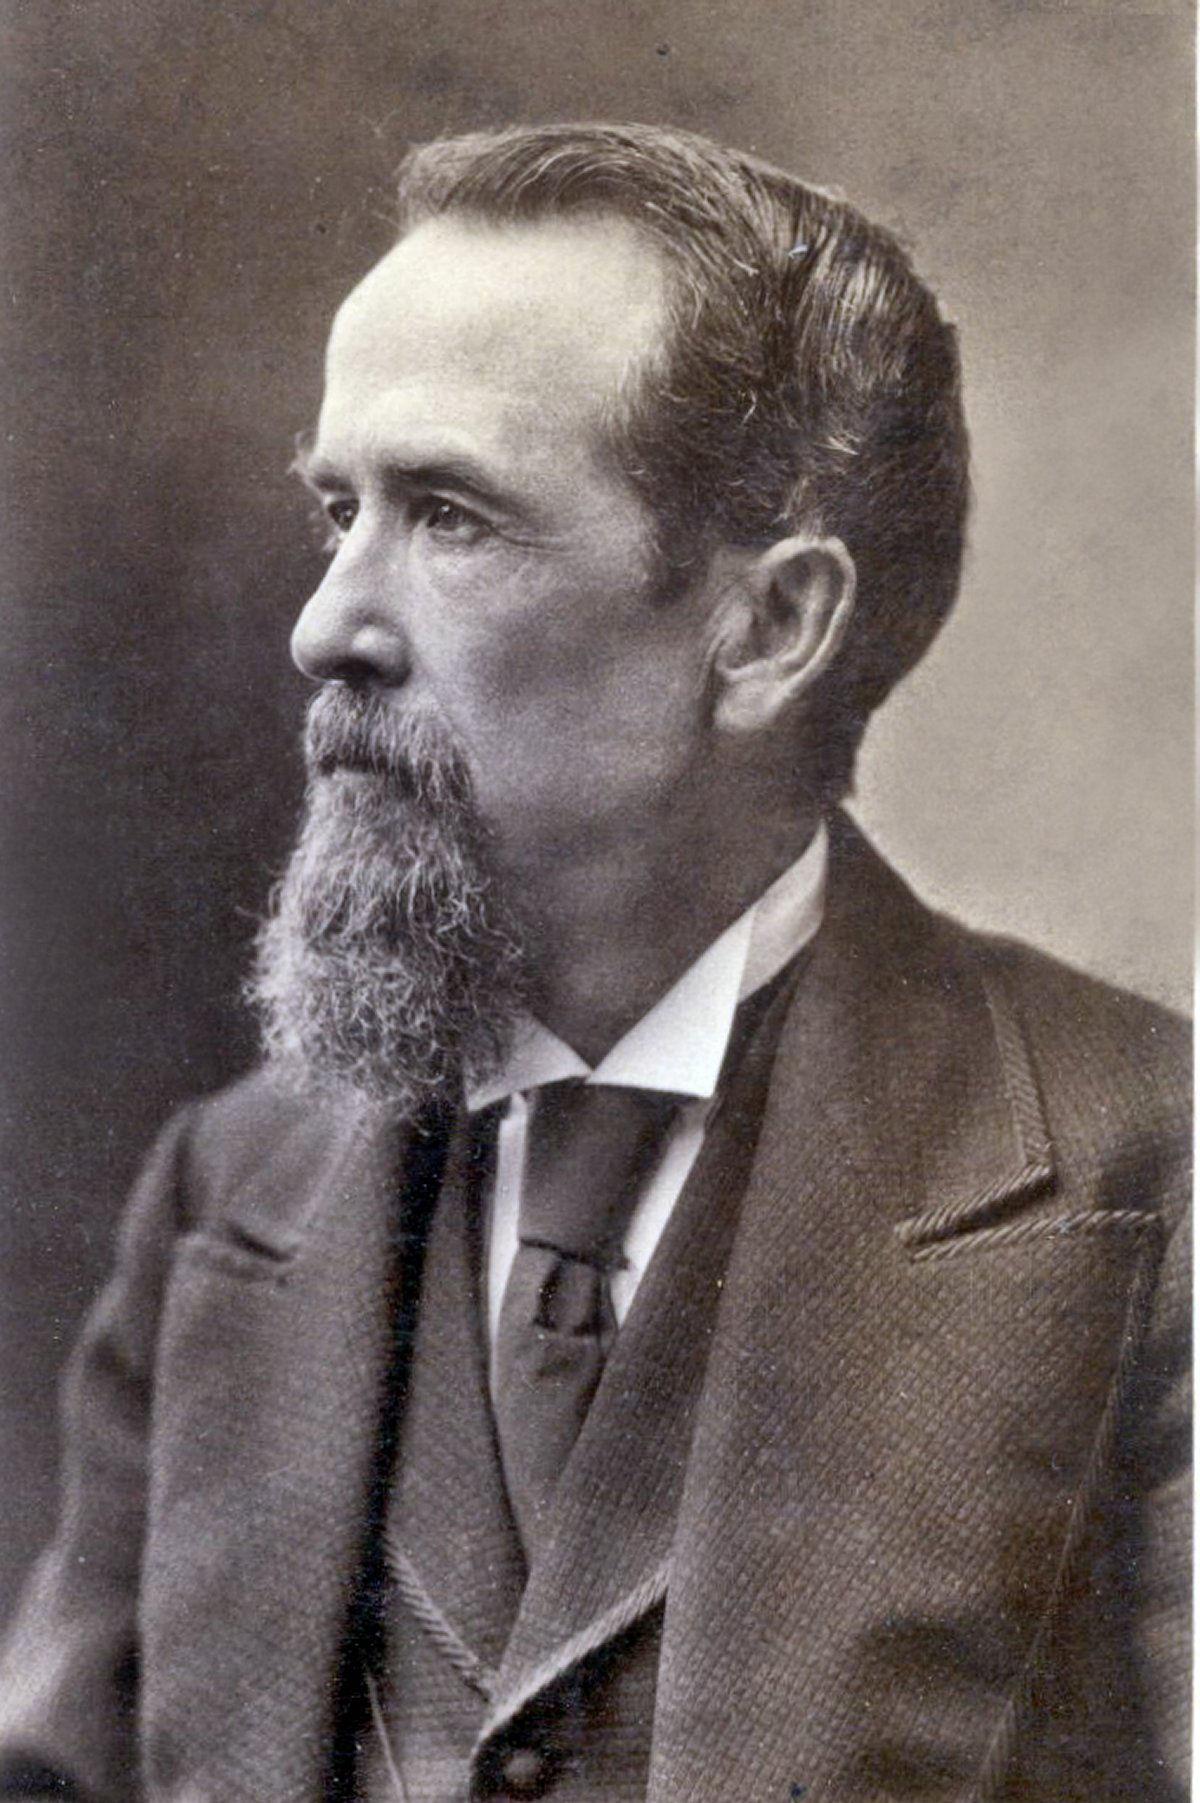 """Une photo datant de 1890 illustrant le """"four-in-hand"""". La différence avec la cravate moderne tient surtout dans le processus de fabrication.  (Source: photosmadeperfect)"""